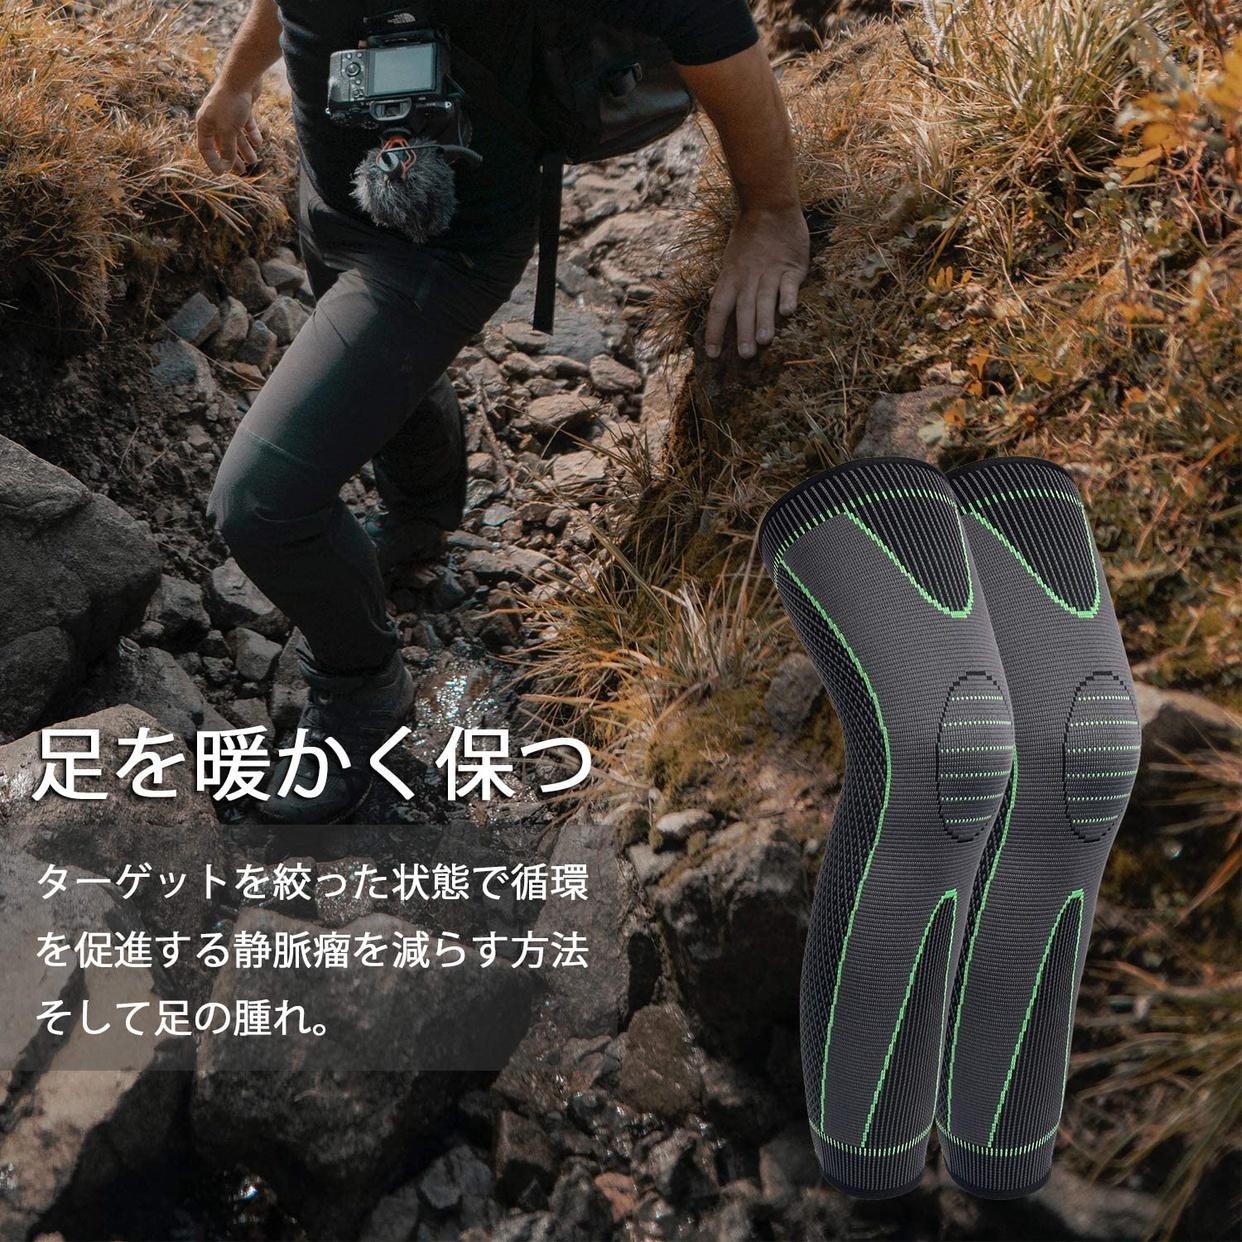 SKDK(エスケーディーケー) 膝サポーター ロングコンプレッションレッグスリーブの商品画像2